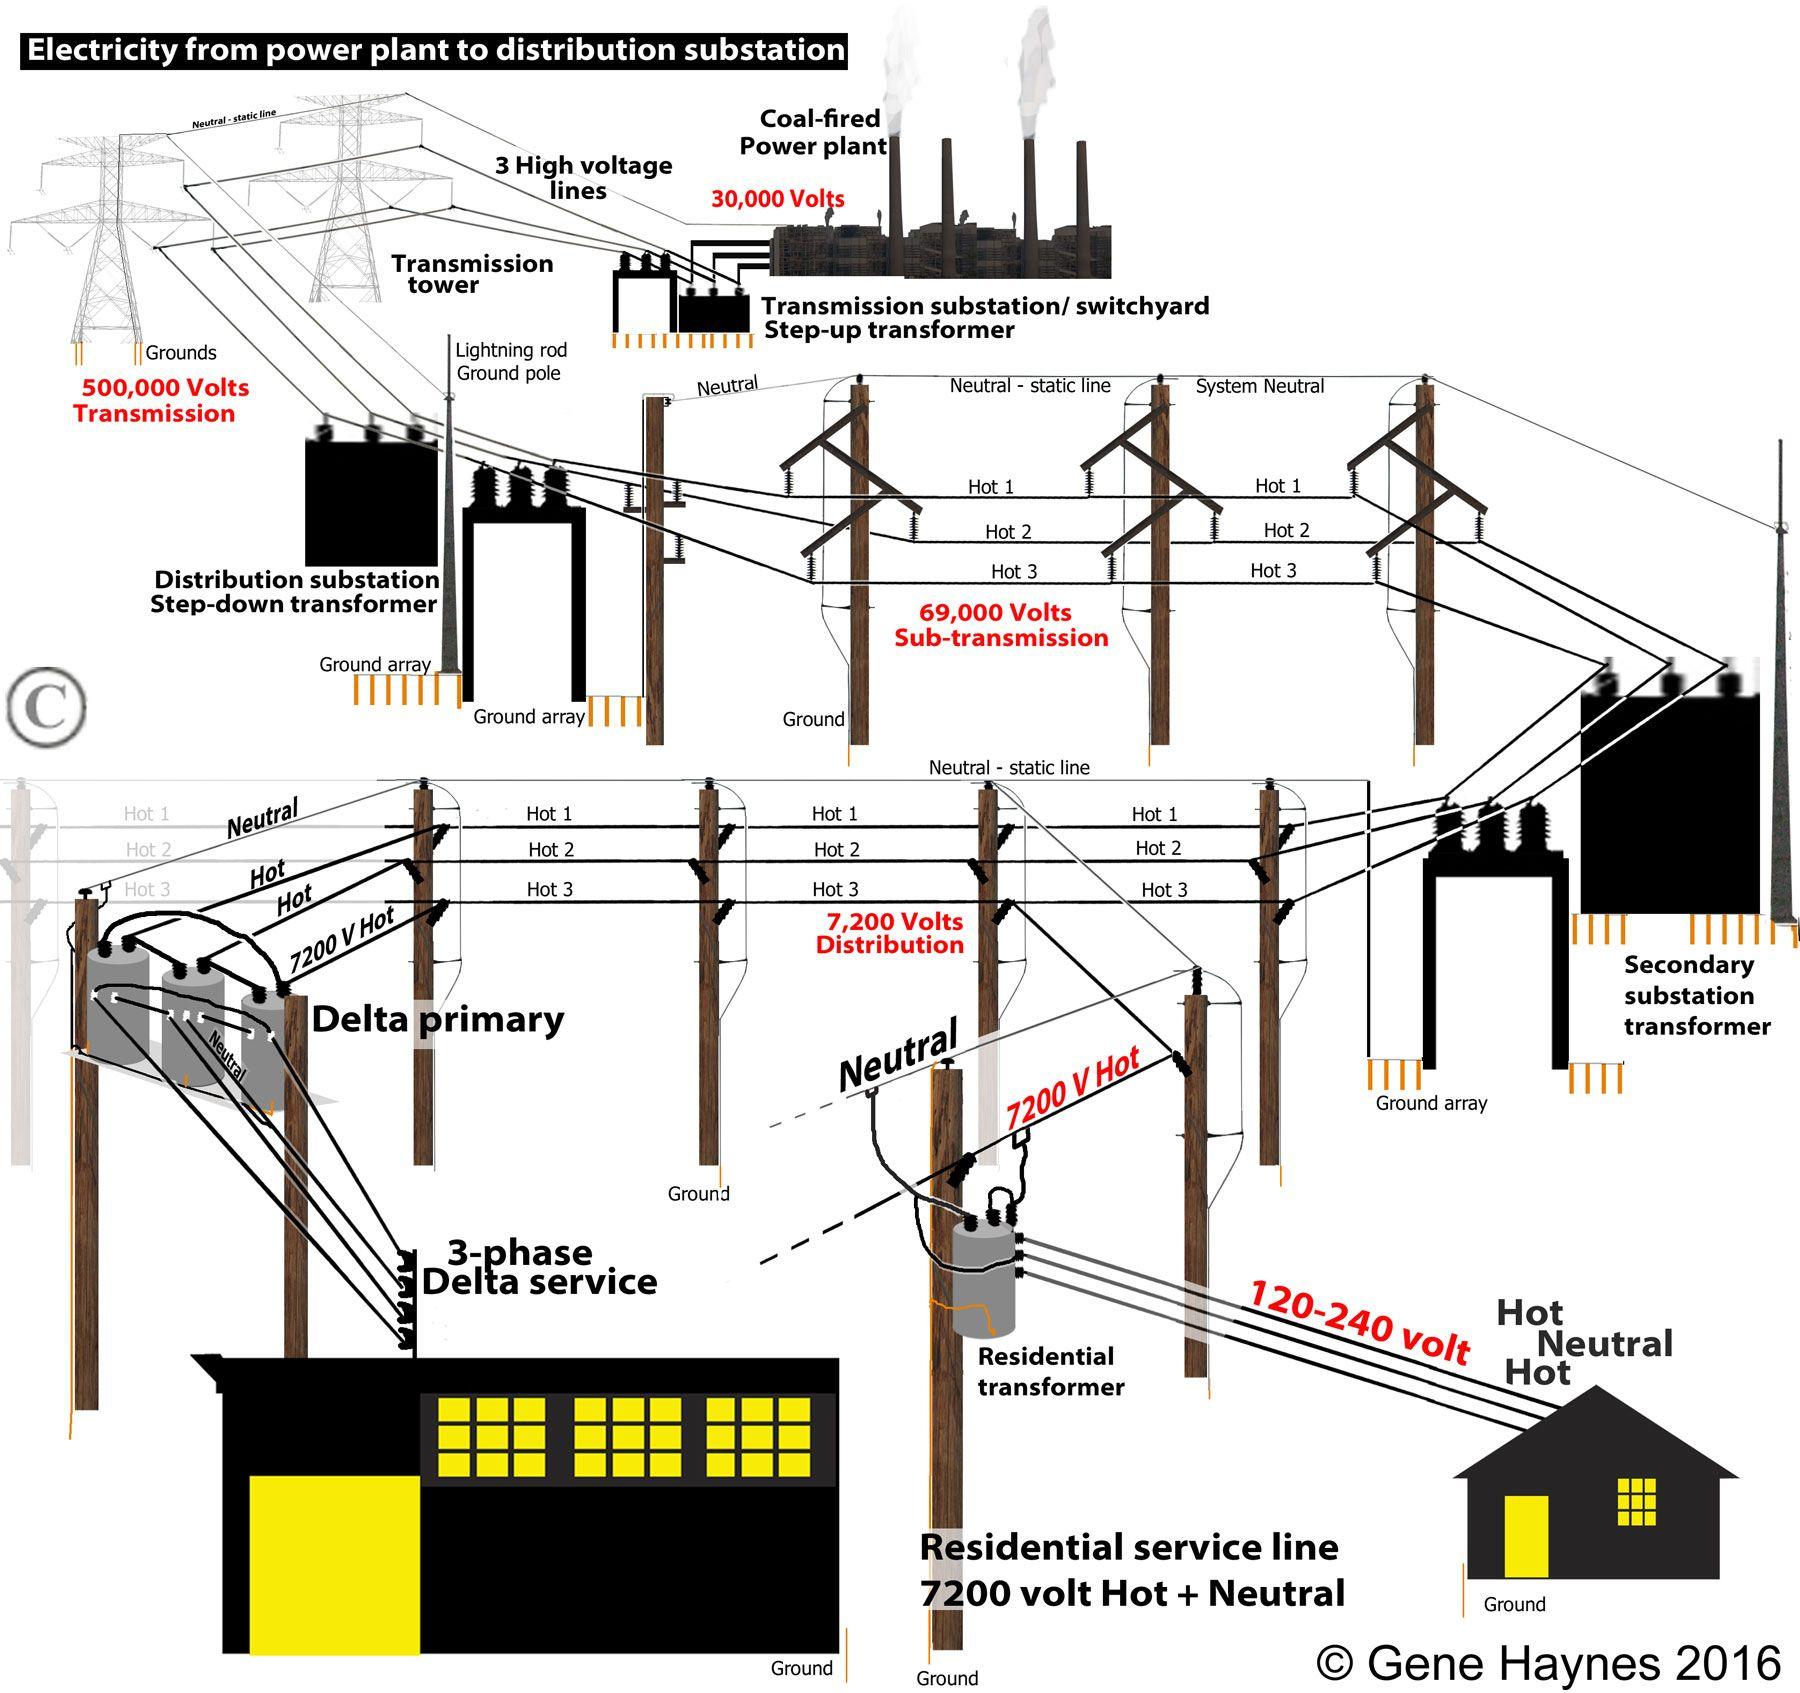 480 To 24 Volt Transformer Wiring Diagram | Wiring Diagram - 24 Volt Transformer Wiring Diagram